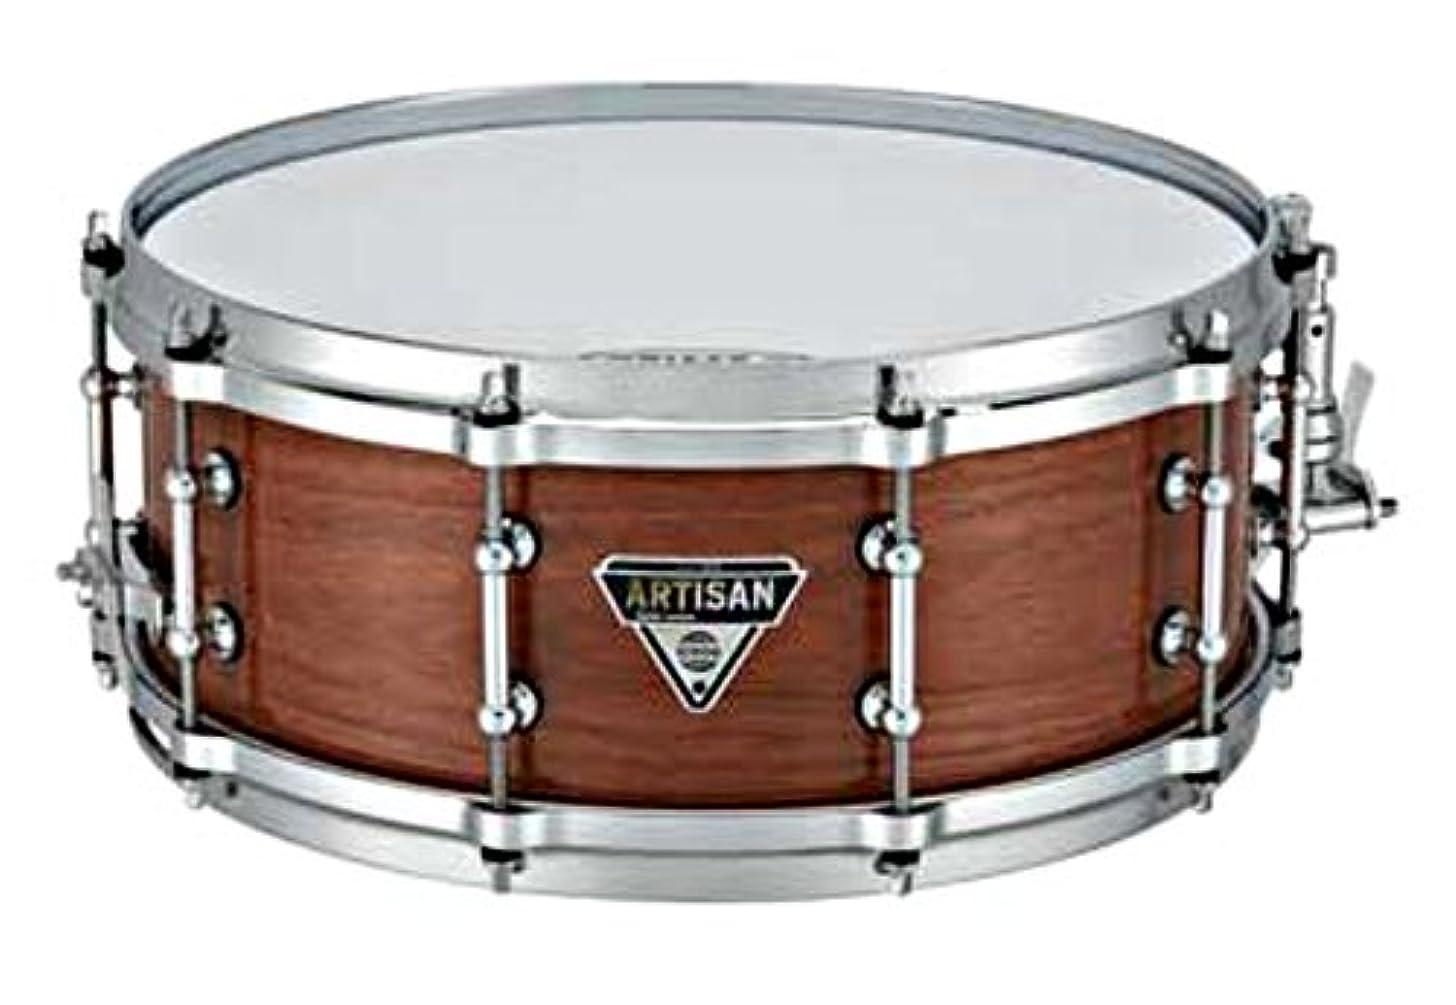 Dixon PDS-9554CBRG 5.5 x 14 Inches Australian Rose Gum Snare Drum